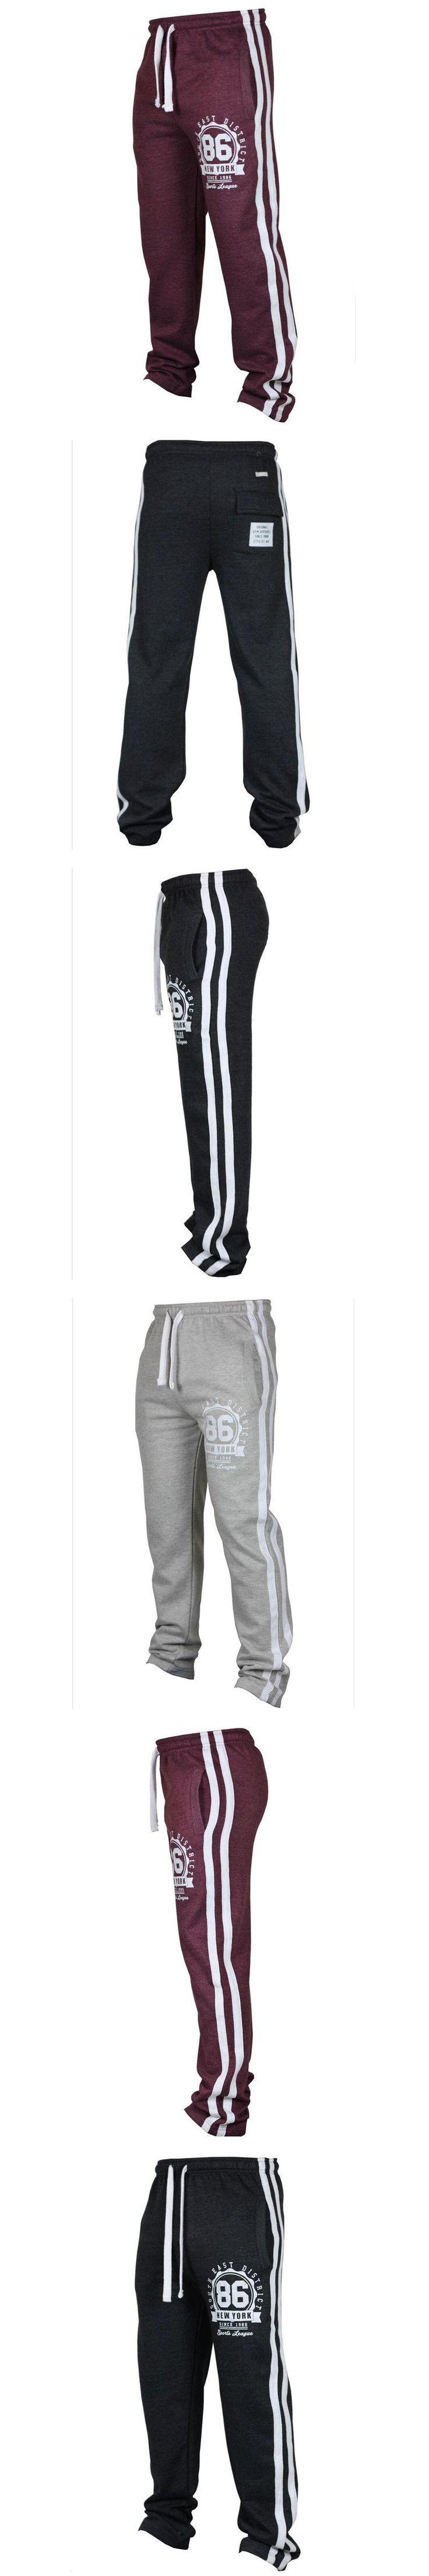 2017 New Men Plain Sweatpants Casual Joggers Sweats Pants Hip Hop Harem Trousers Loose Baggy Workout Pants Plus Size 3XL